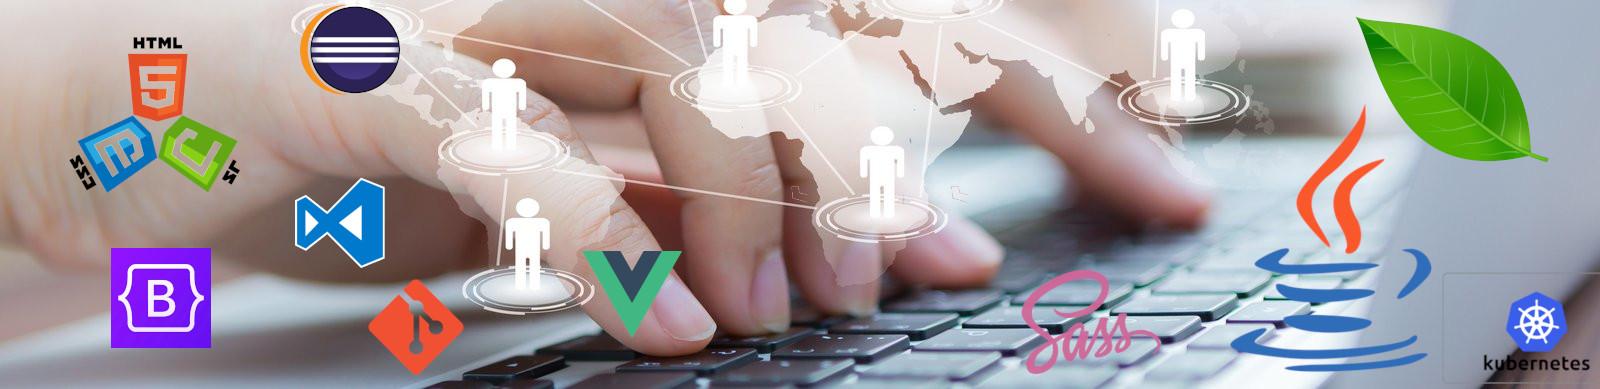 Técnico Superior en Desarrollo de Aplicaciones Web